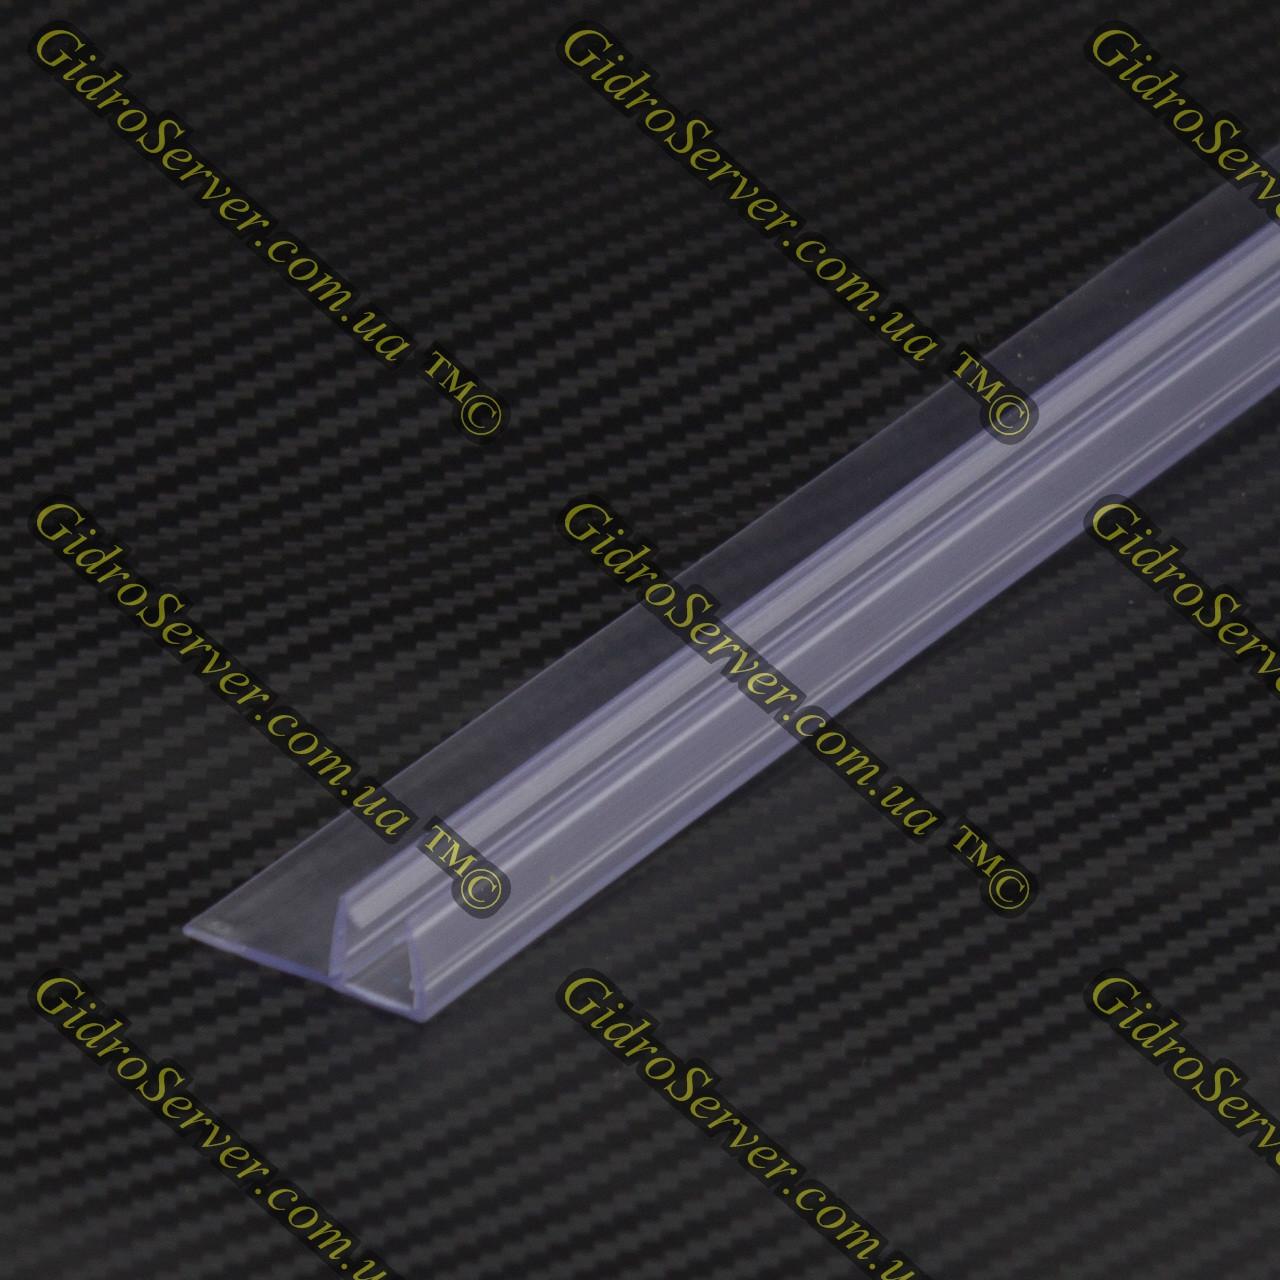 Силиконовый уплотнитель для душевой кабины, гидромассажного бокса U-04.